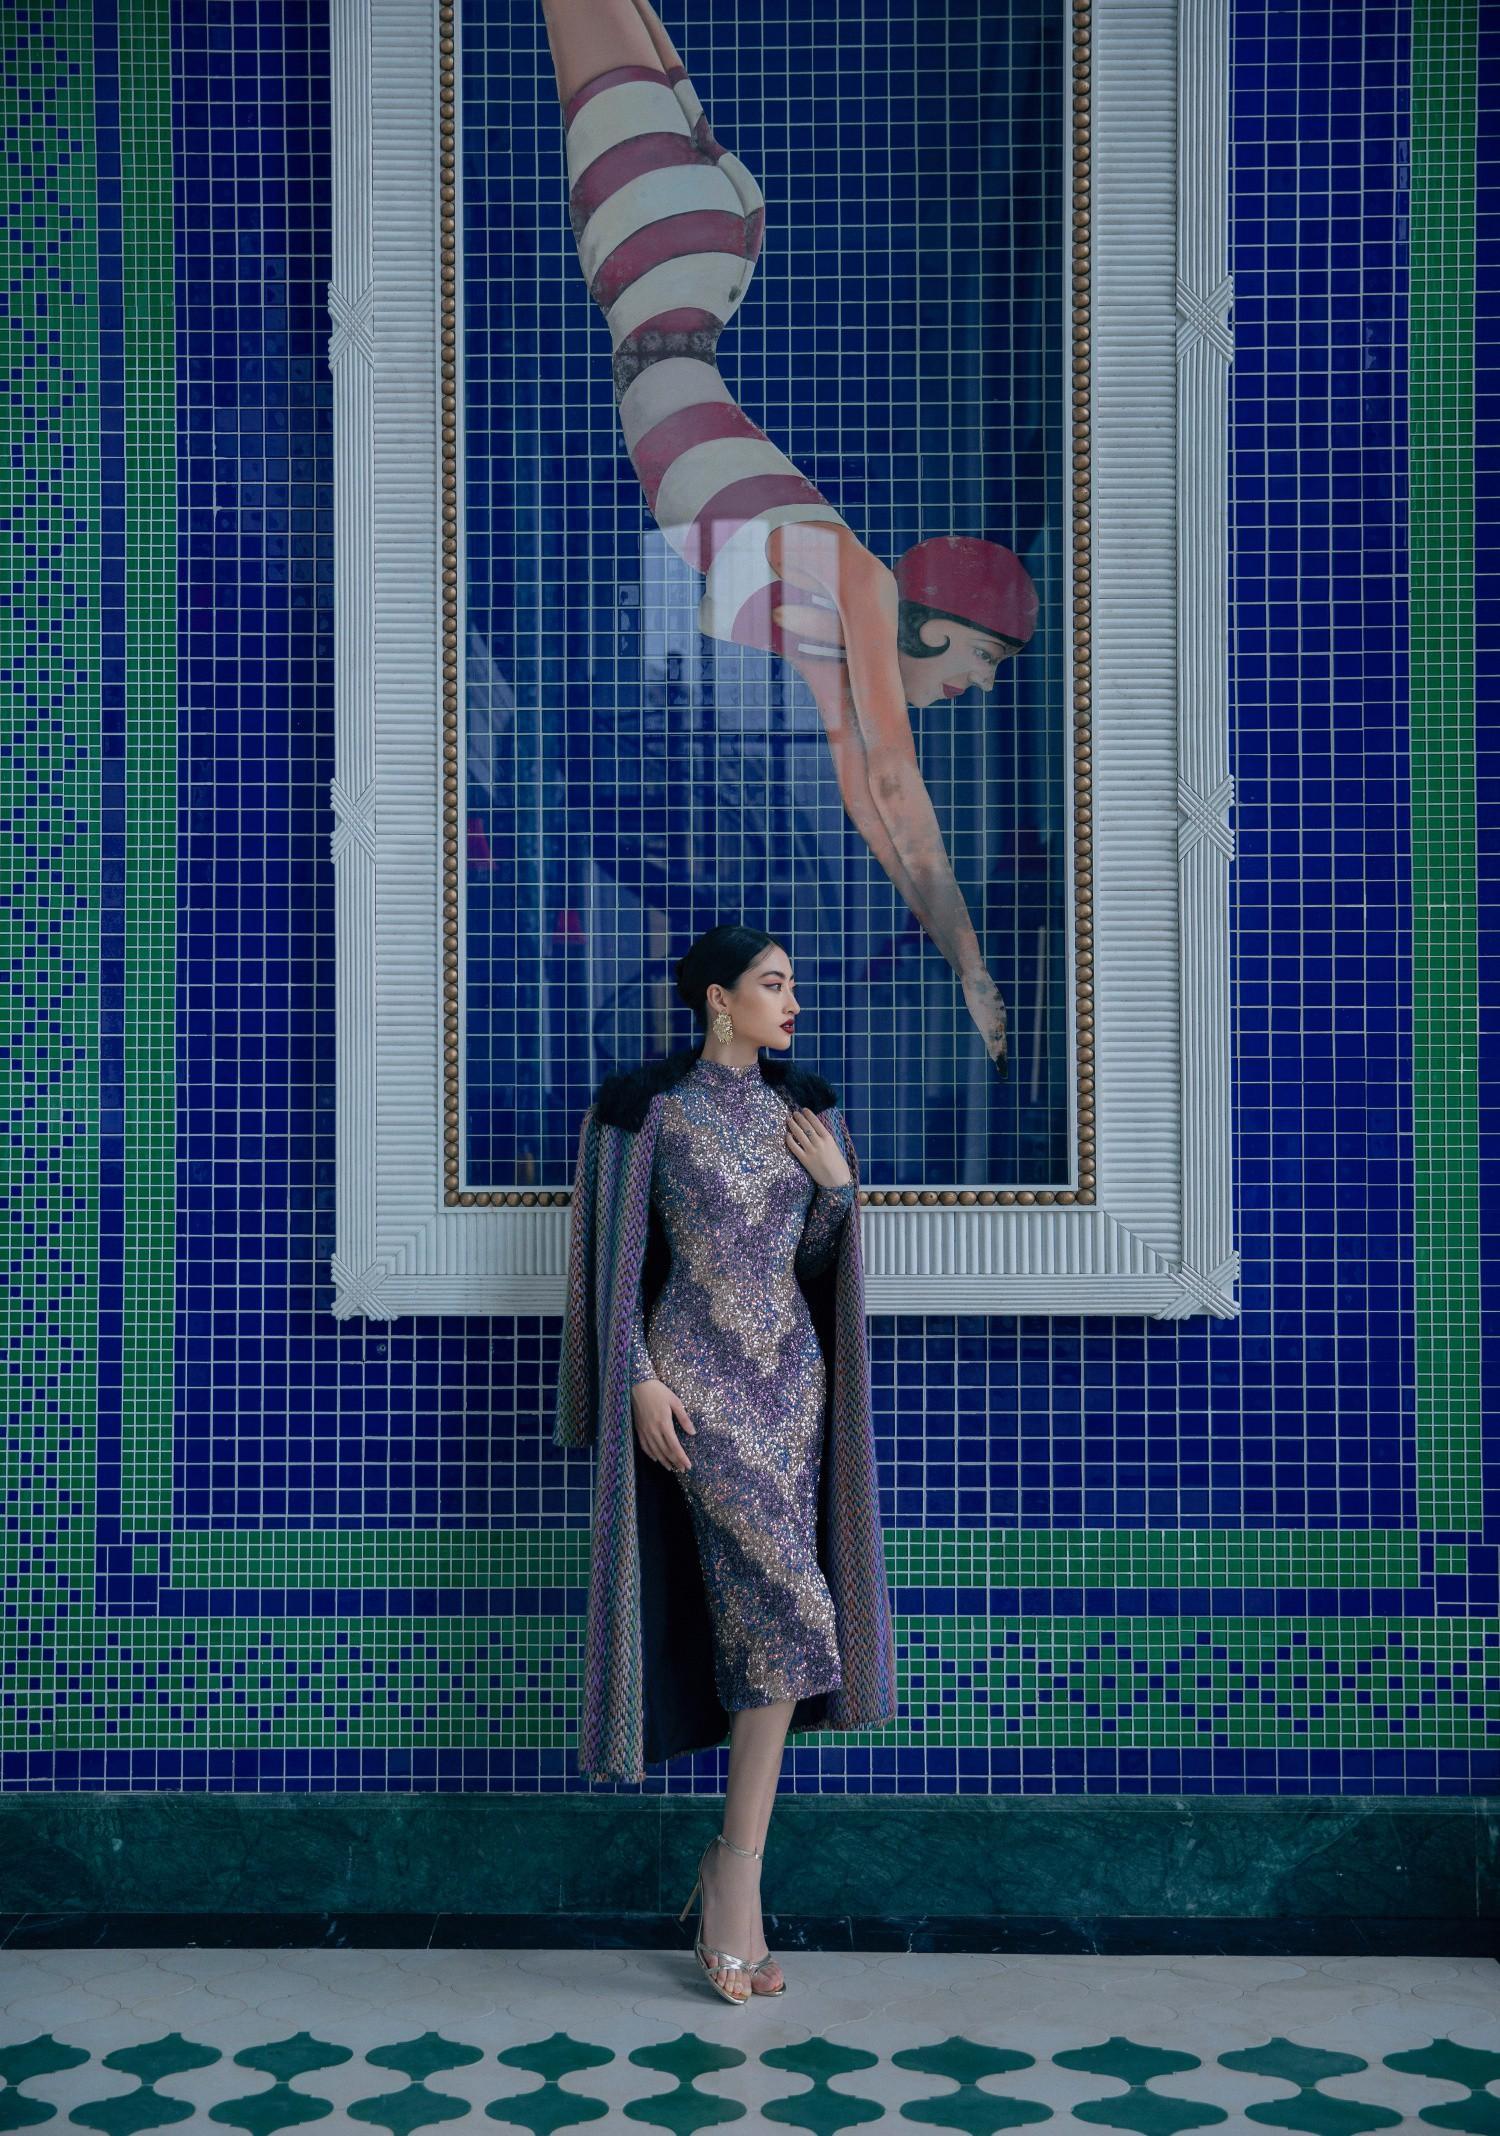 Hoa hậu Lương Thùy Linh ngày càng lột xác sau 6 tháng đăng quang Ảnh 1